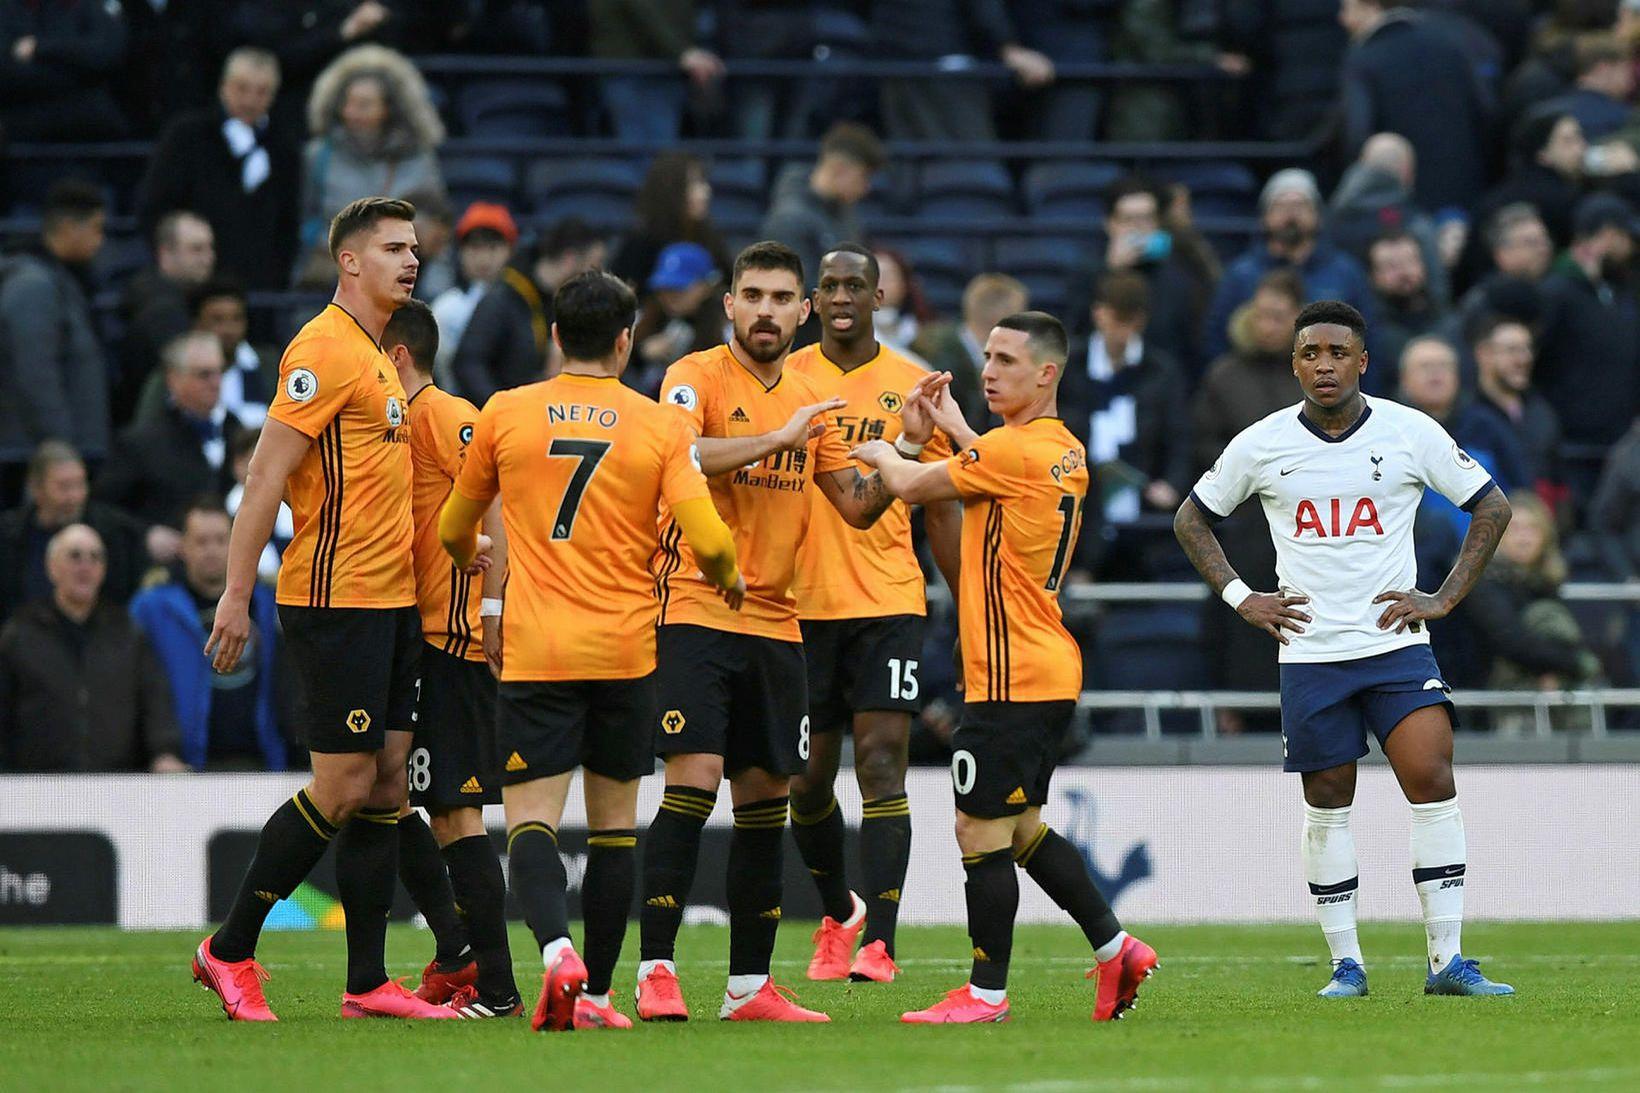 Leikmenn Wolves fagna í leik gegn Tottenham.